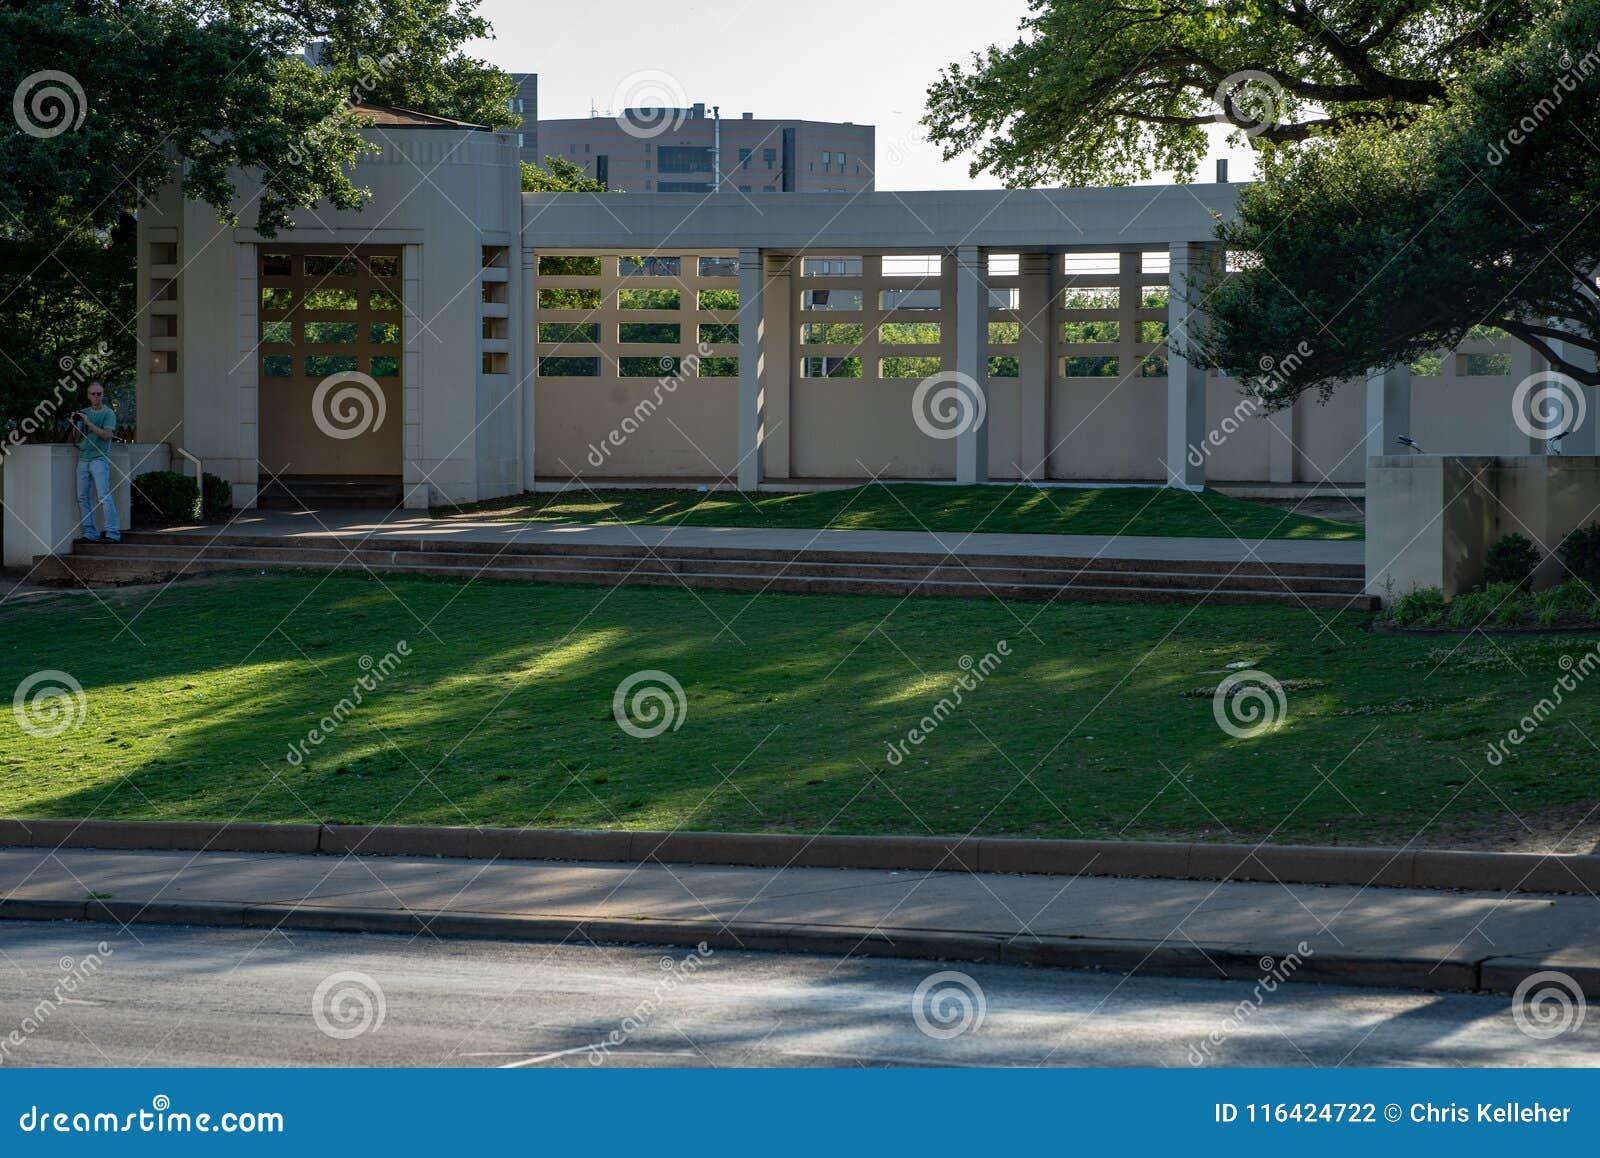 Dallas, Texas - Mei 7, 2018: Het Dealy-Plein en zijn omringende gebouwen in Dallas Van de binnenstad de plaats van John F